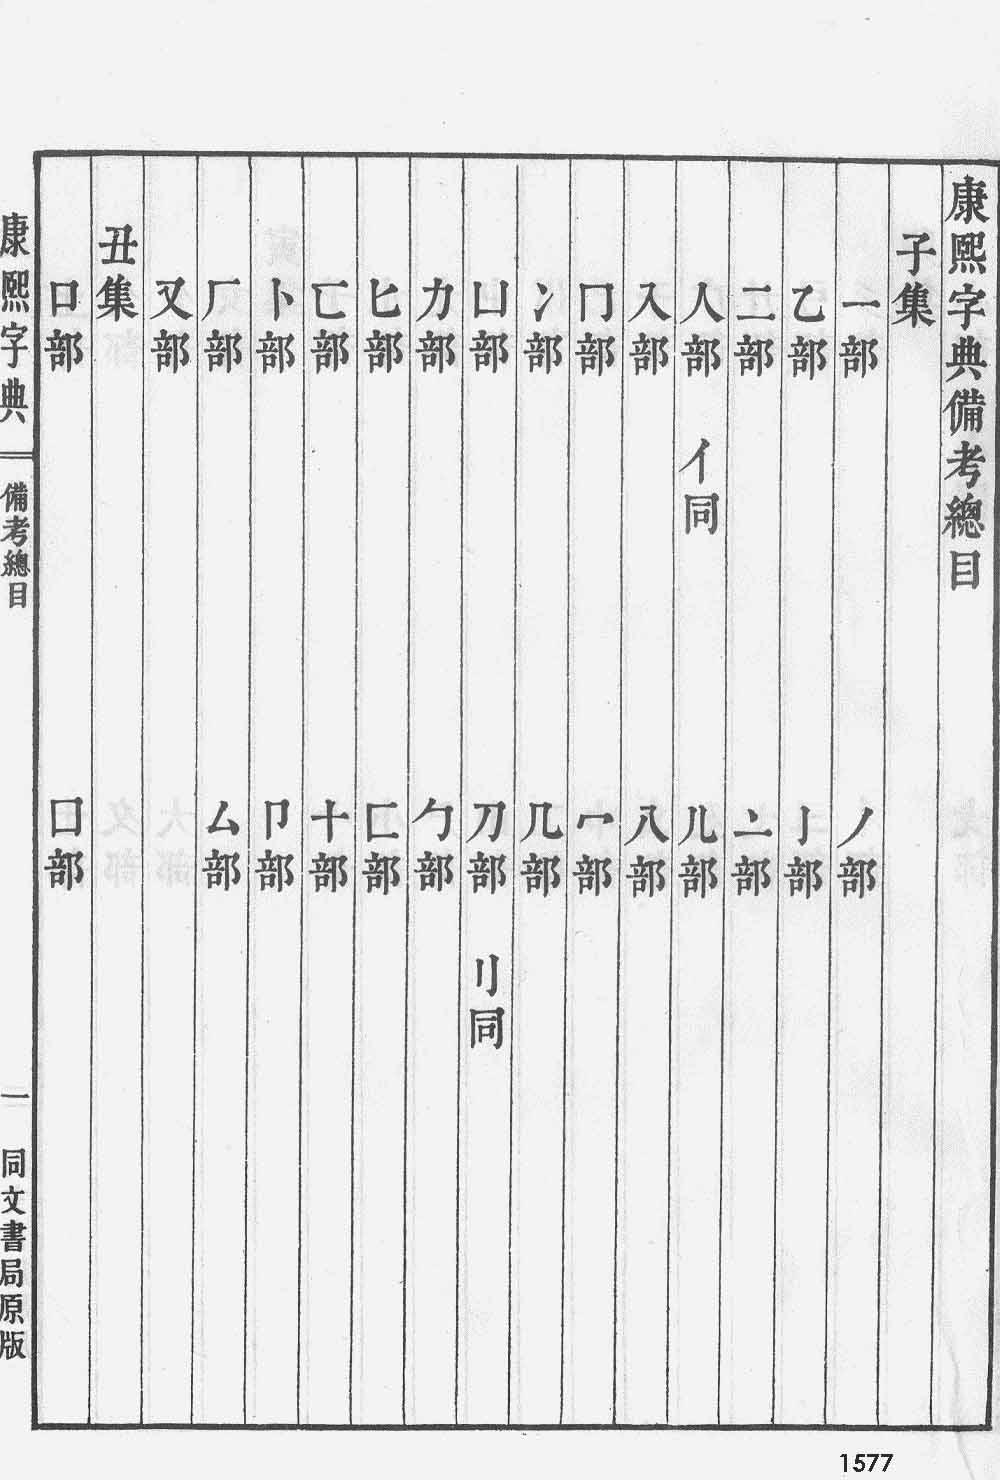 《康熙字典》第1577页